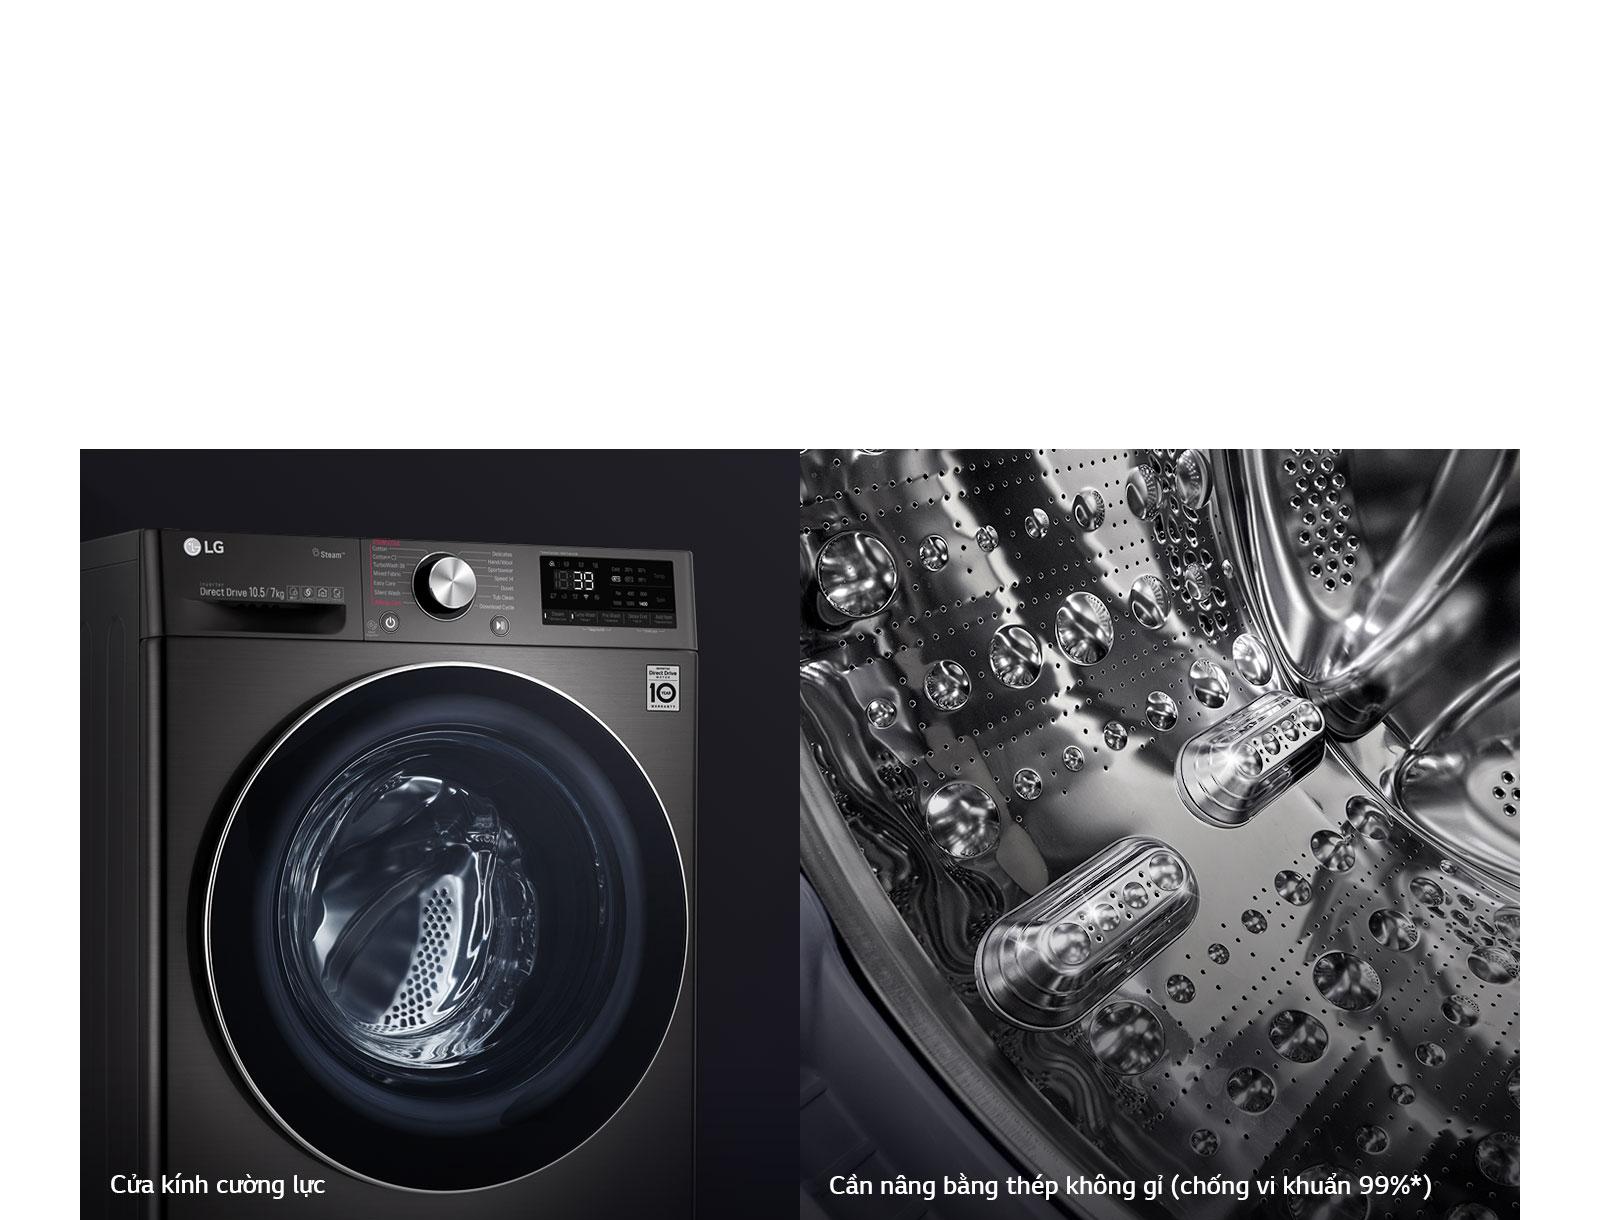 WD-Vivace-V900-VC2-BlackSteel-11-1-Druability-Desktop